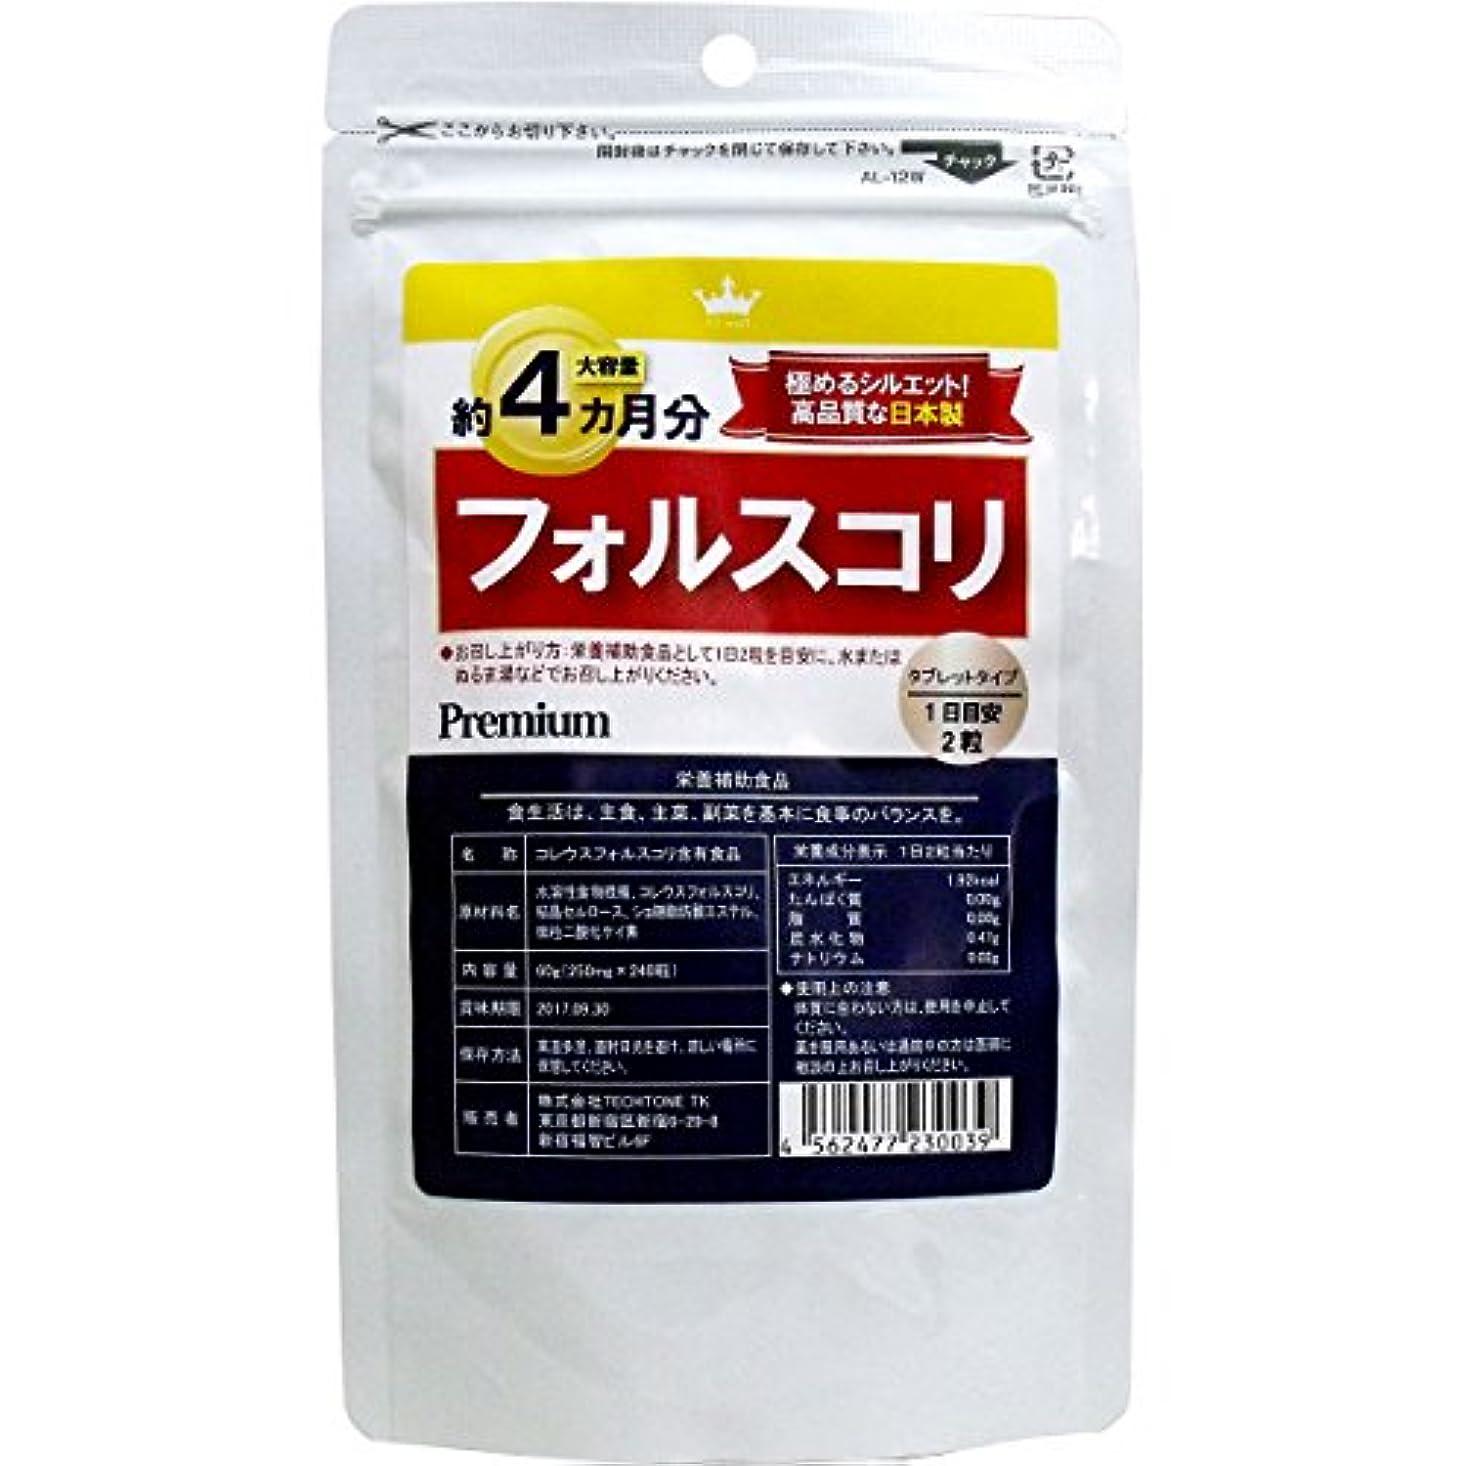 スーダン魅惑するばかダイエット 高品質な日本製 人気 フォルスコリ 約4カ月分 240粒入【2個セット】